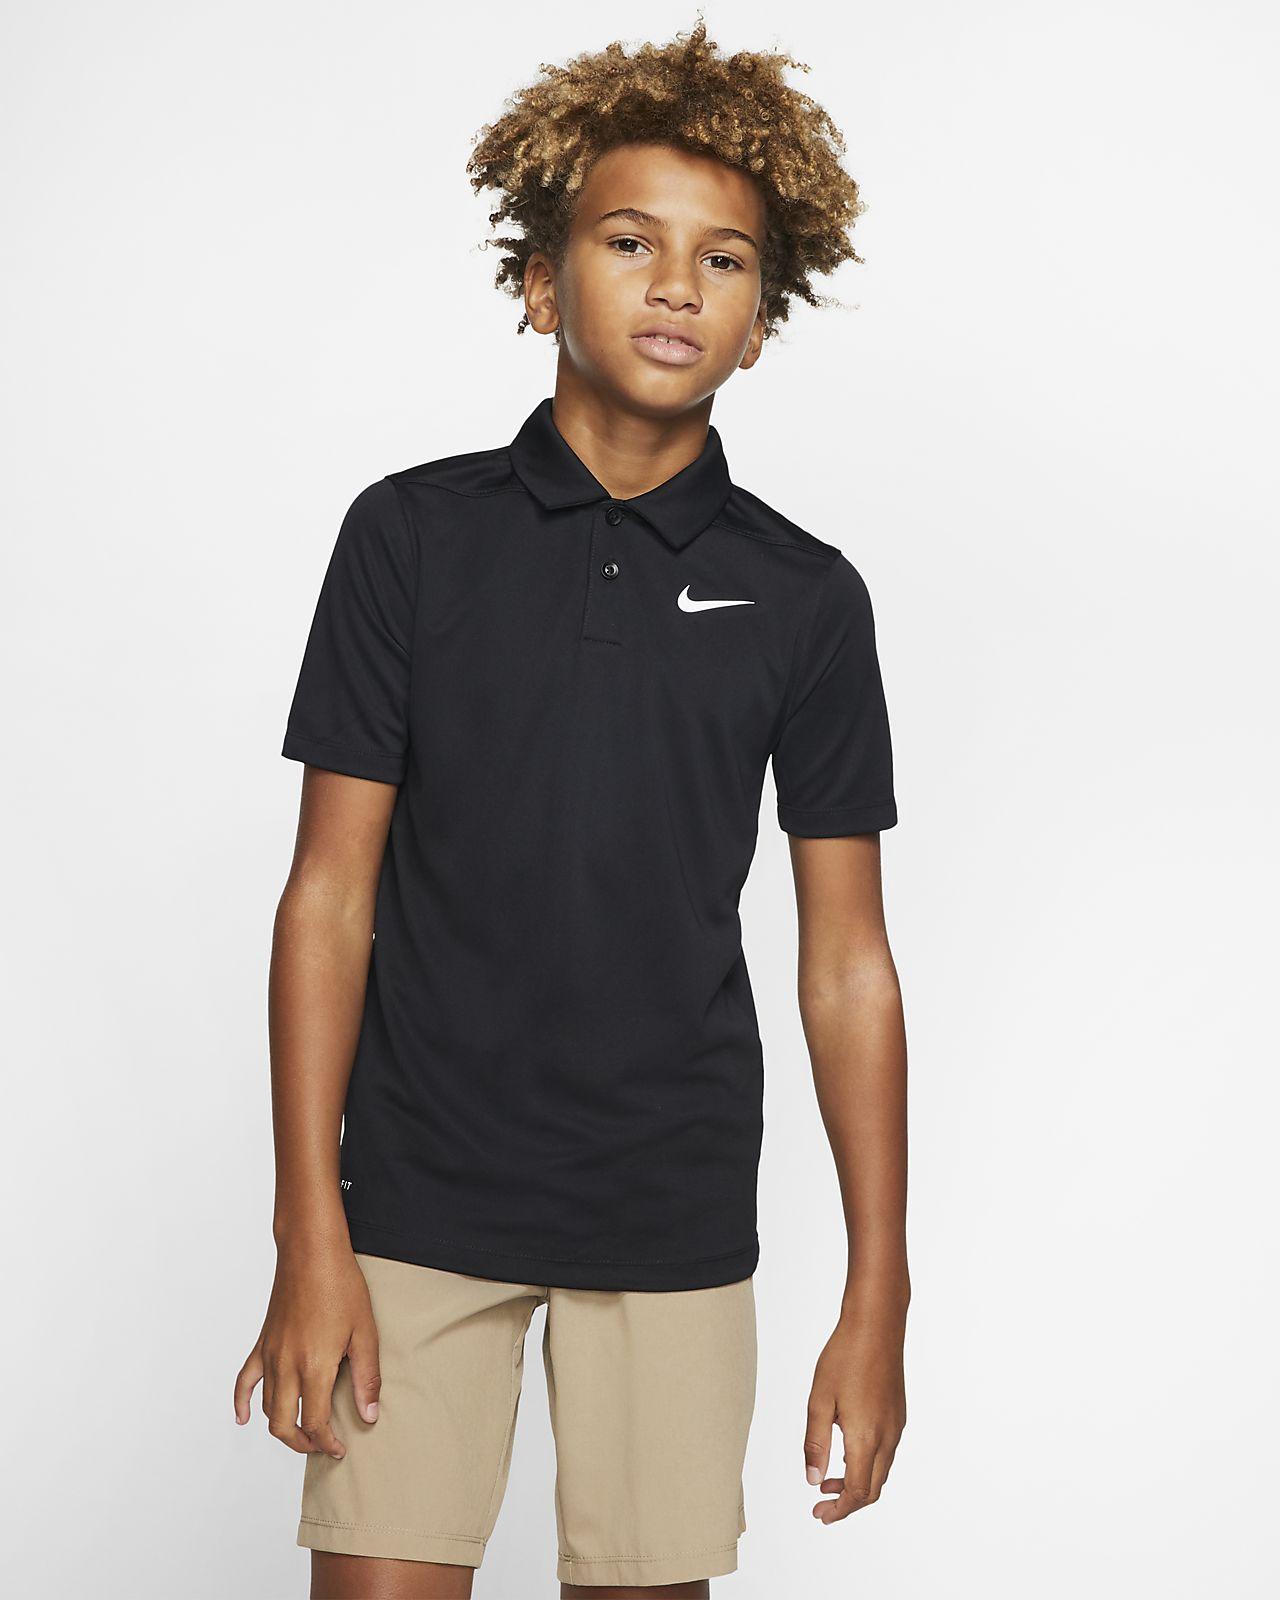 Μπλούζα πόλο για γκολφ Nike Dri-FIT Victory για μεγάλα αγόρια